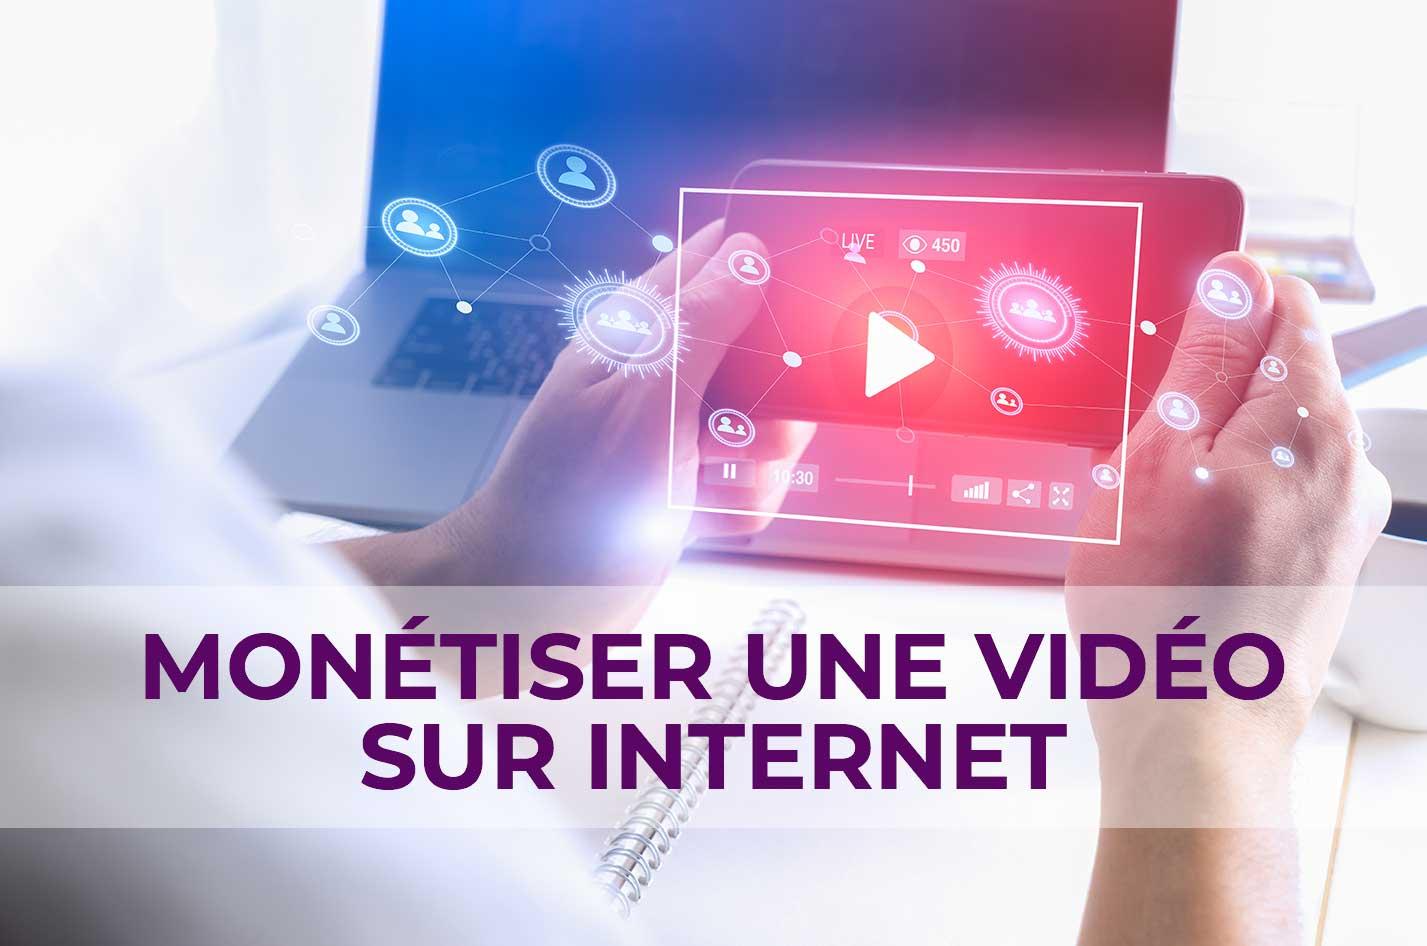 Monétiser vidéo en ligne avec l'audiotel